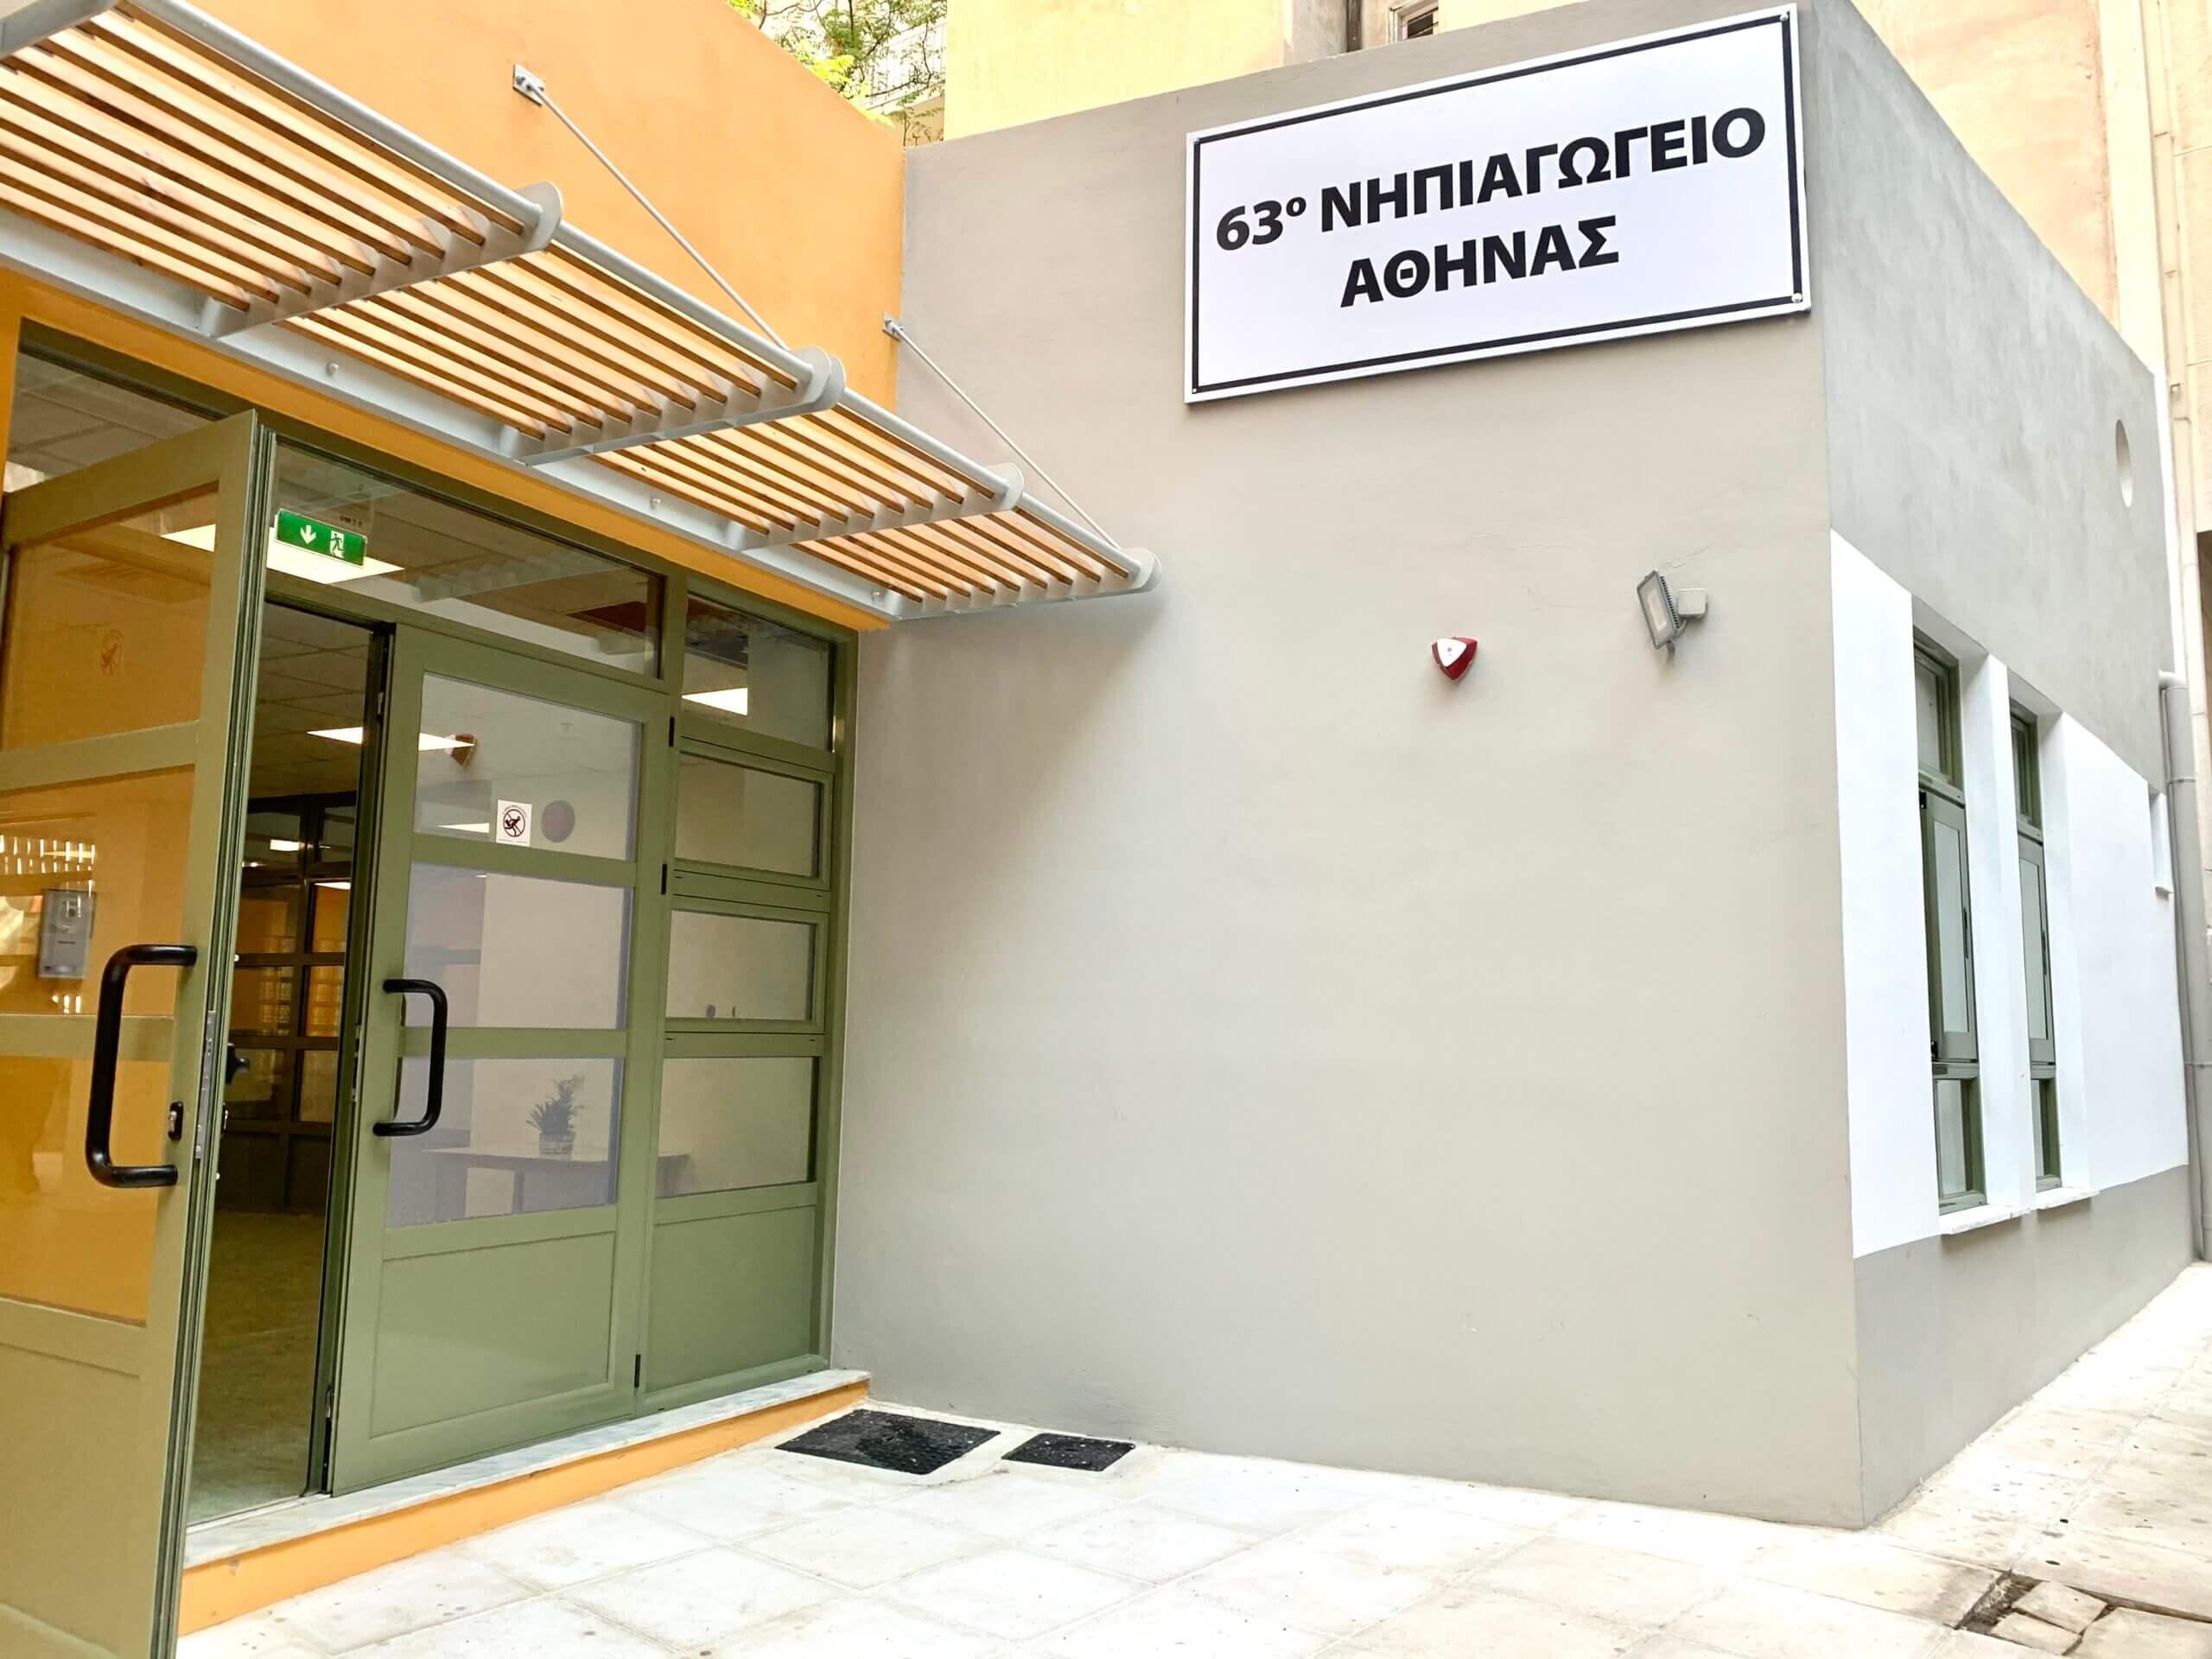 Δήμος Αθηναίων : Έτοιμα να υποδεχθούν με υγειονομική ασφάλεια μαθητές και εκπαιδευτικούς τα σχολεία της πόλης